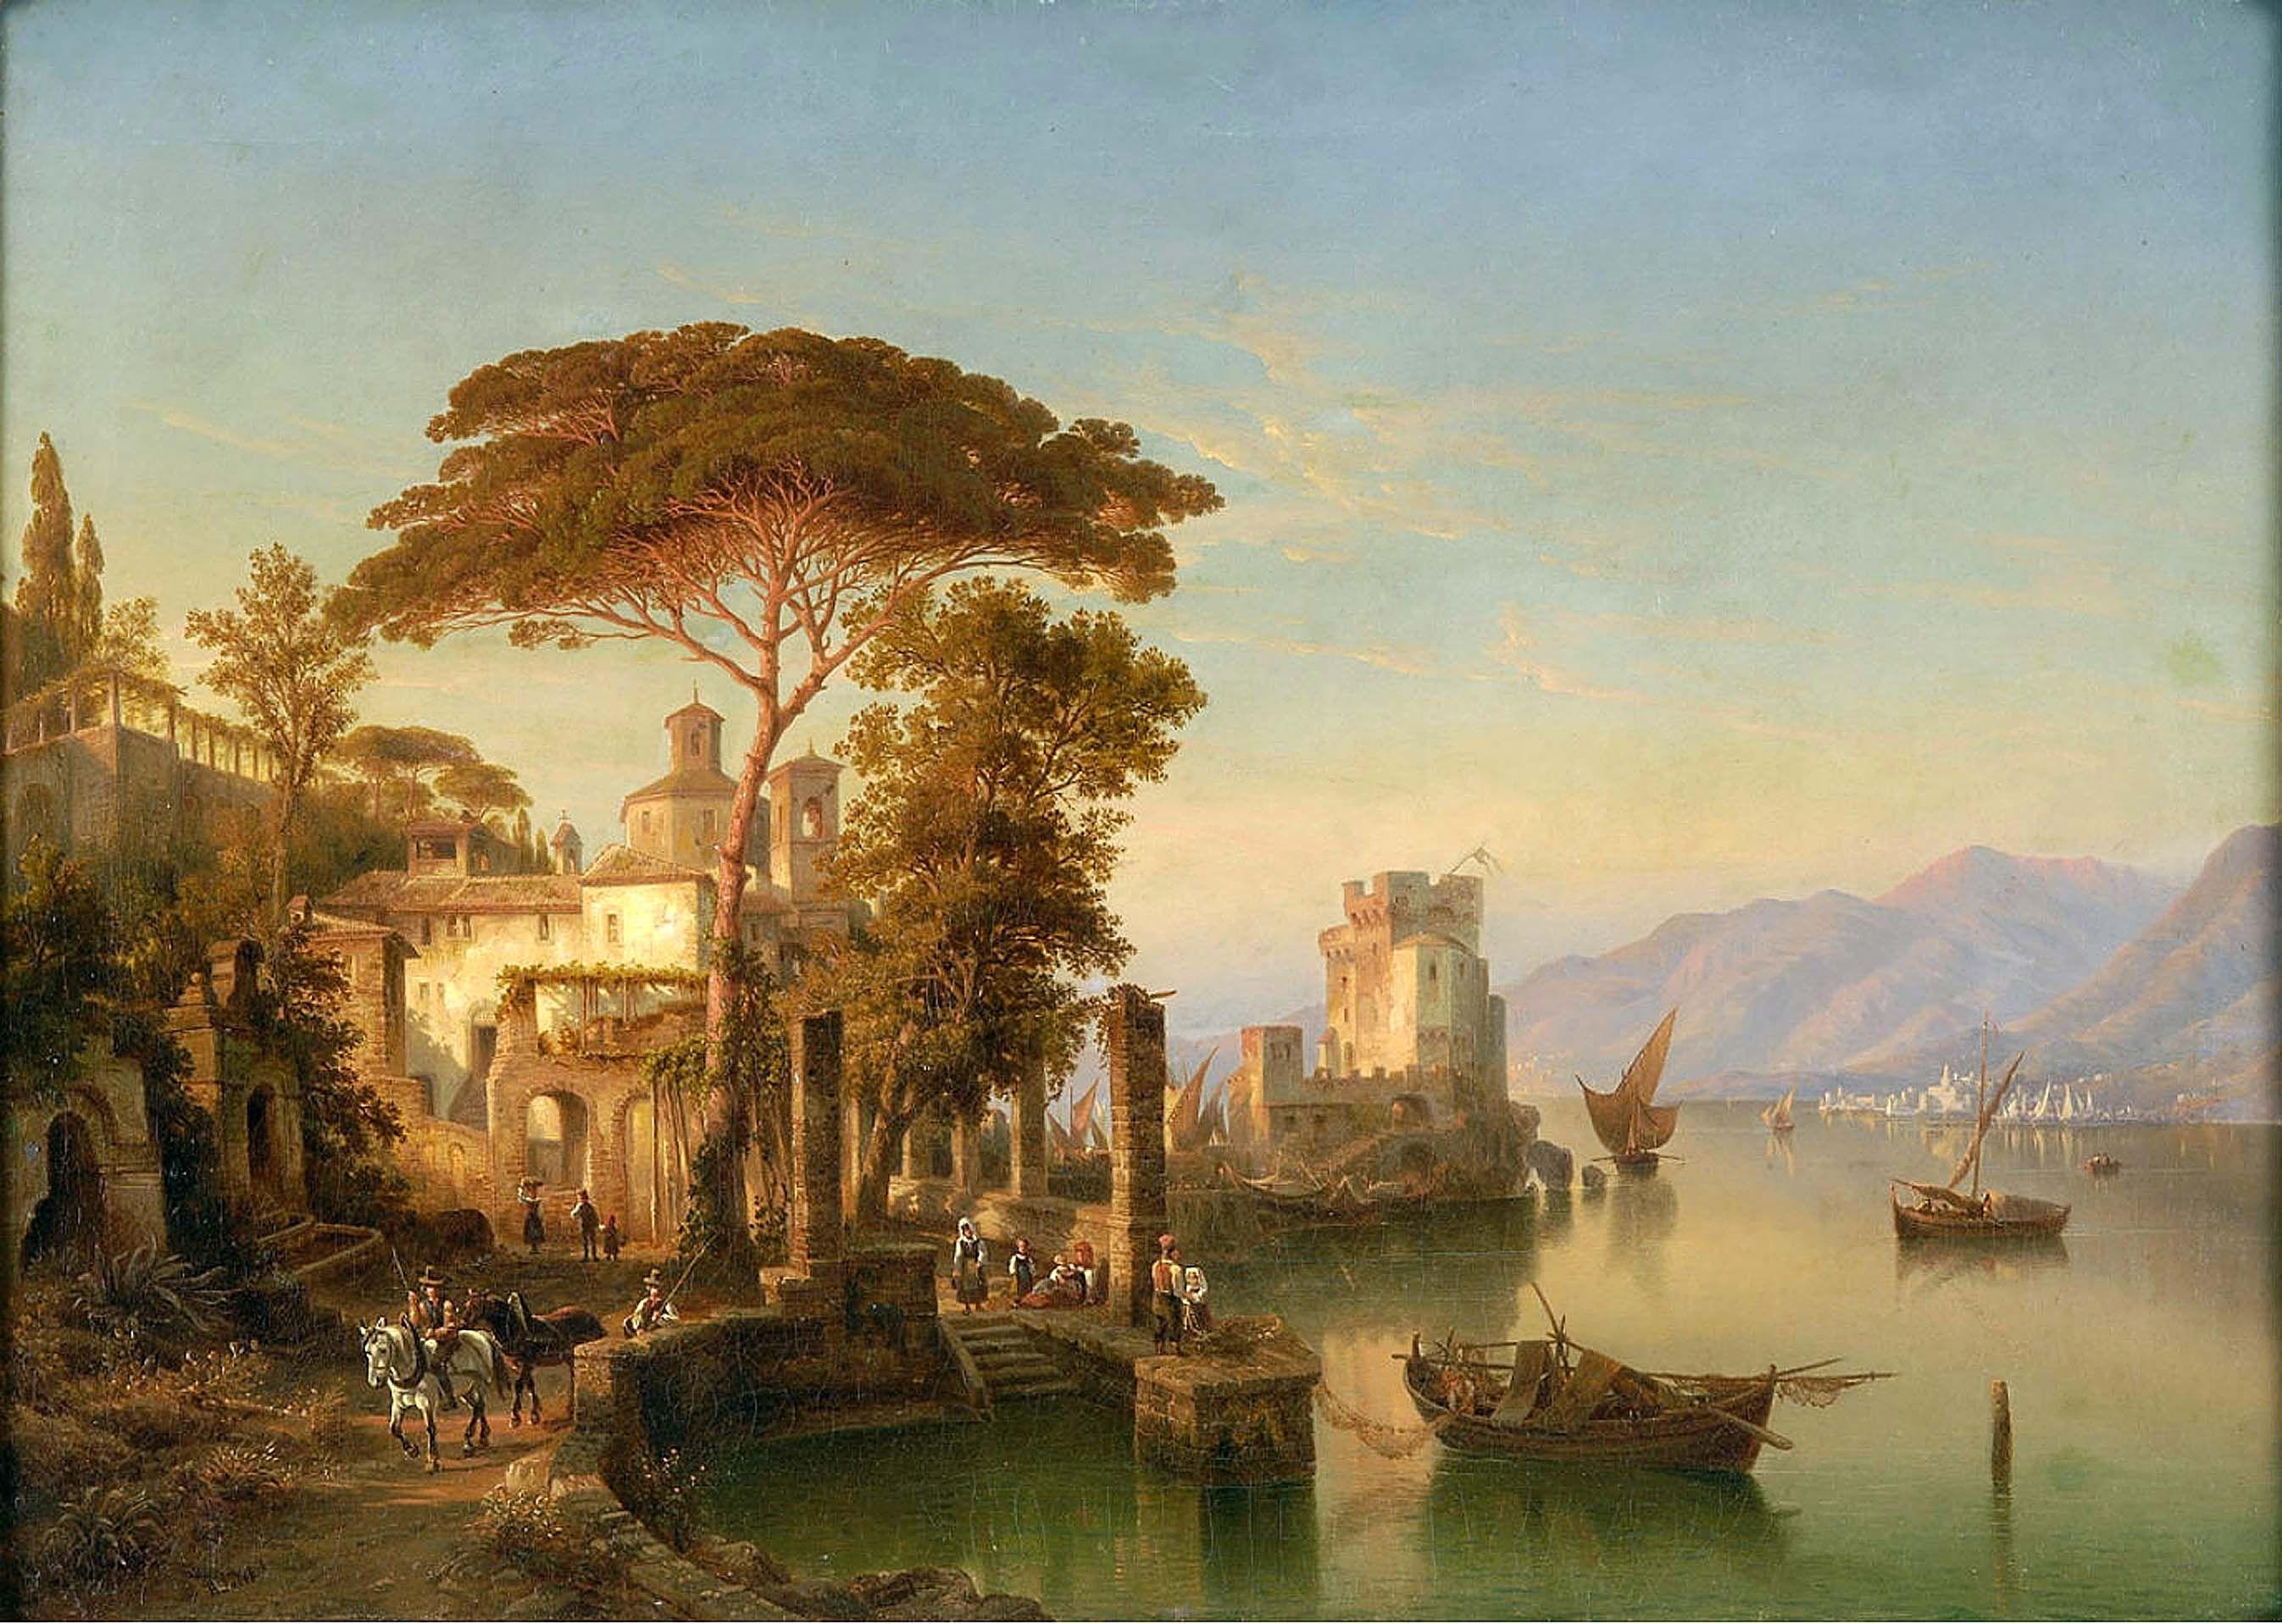 ヘンリー・ジャッケル (Henry Jaeckel)「Lake Como」